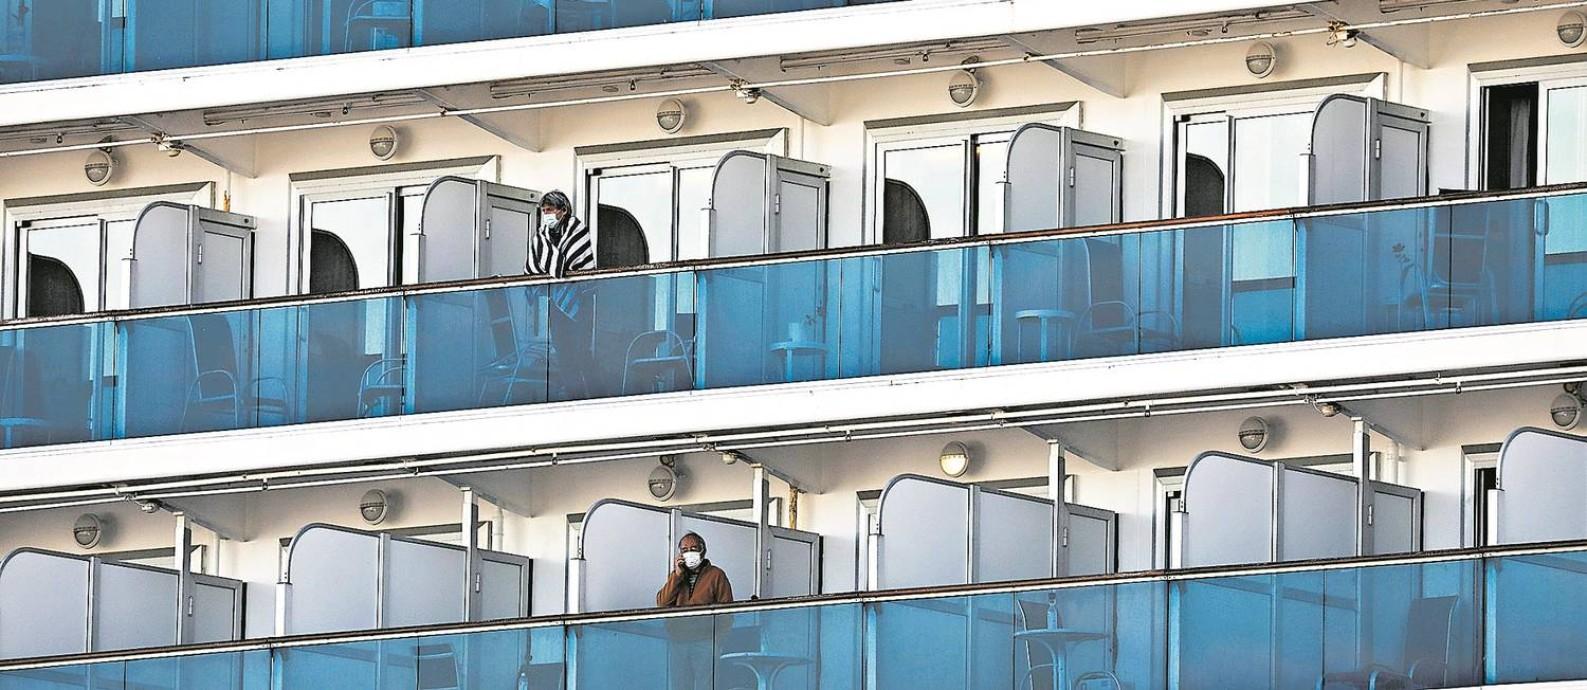 Passageiros em quarentena a bordo do navio de cruzeiros Diamond Princess, em Yokohama, no Japão, em fevereiro de 2020 Foto: ATHIT PERAWONGMETHA / REUTERS